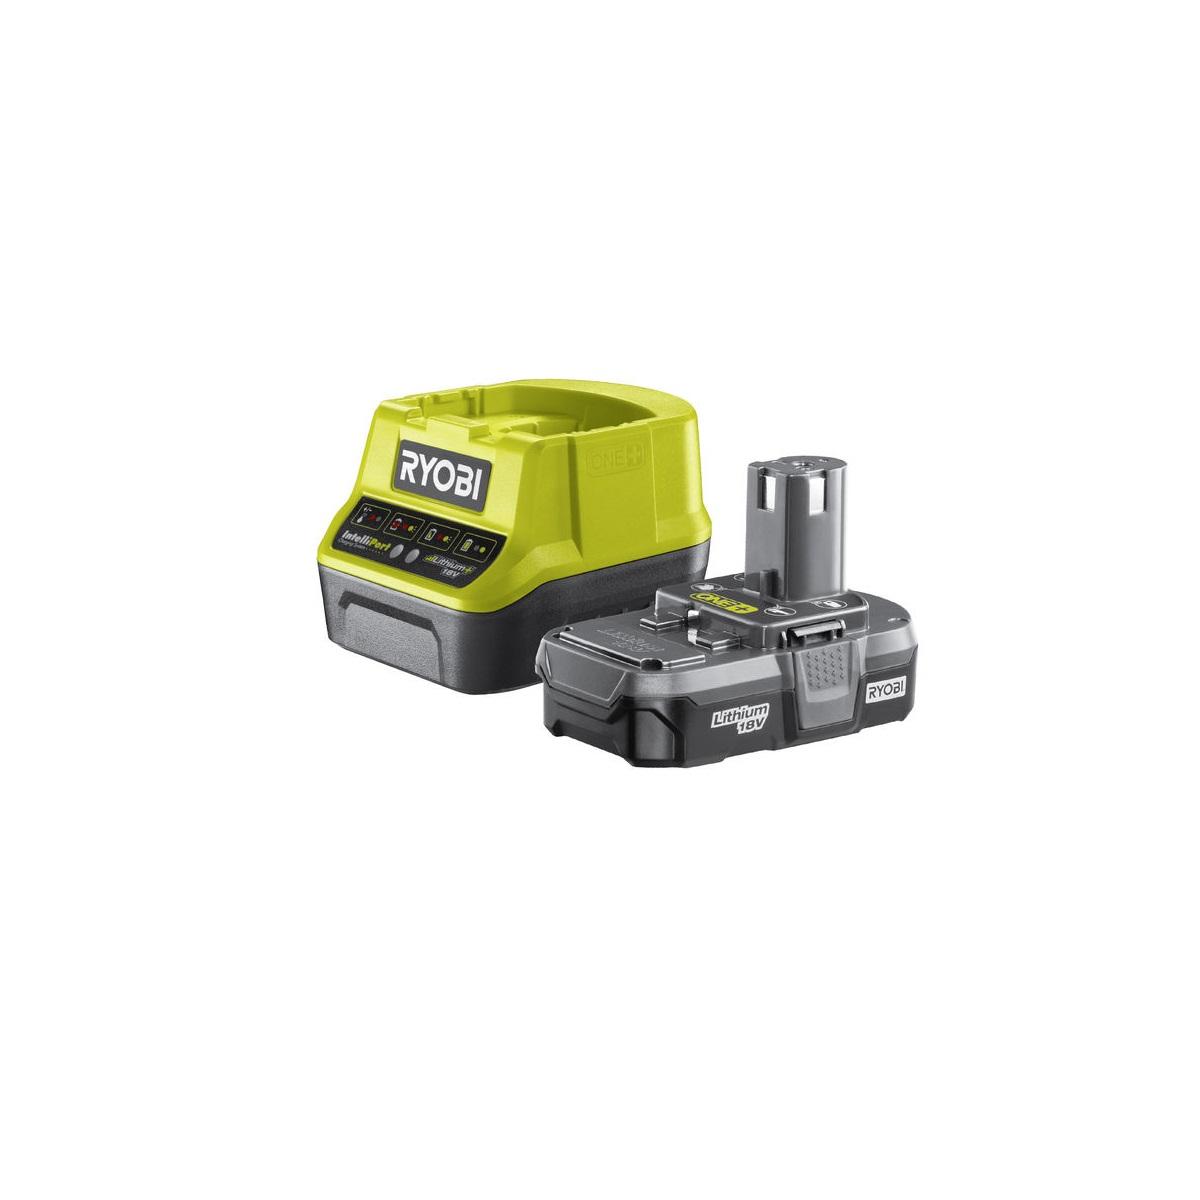 Ryobi RC18120-113sada 18 V lithium iontová baterie 1,3 Ah s nabíječkou RC18120 ONE+